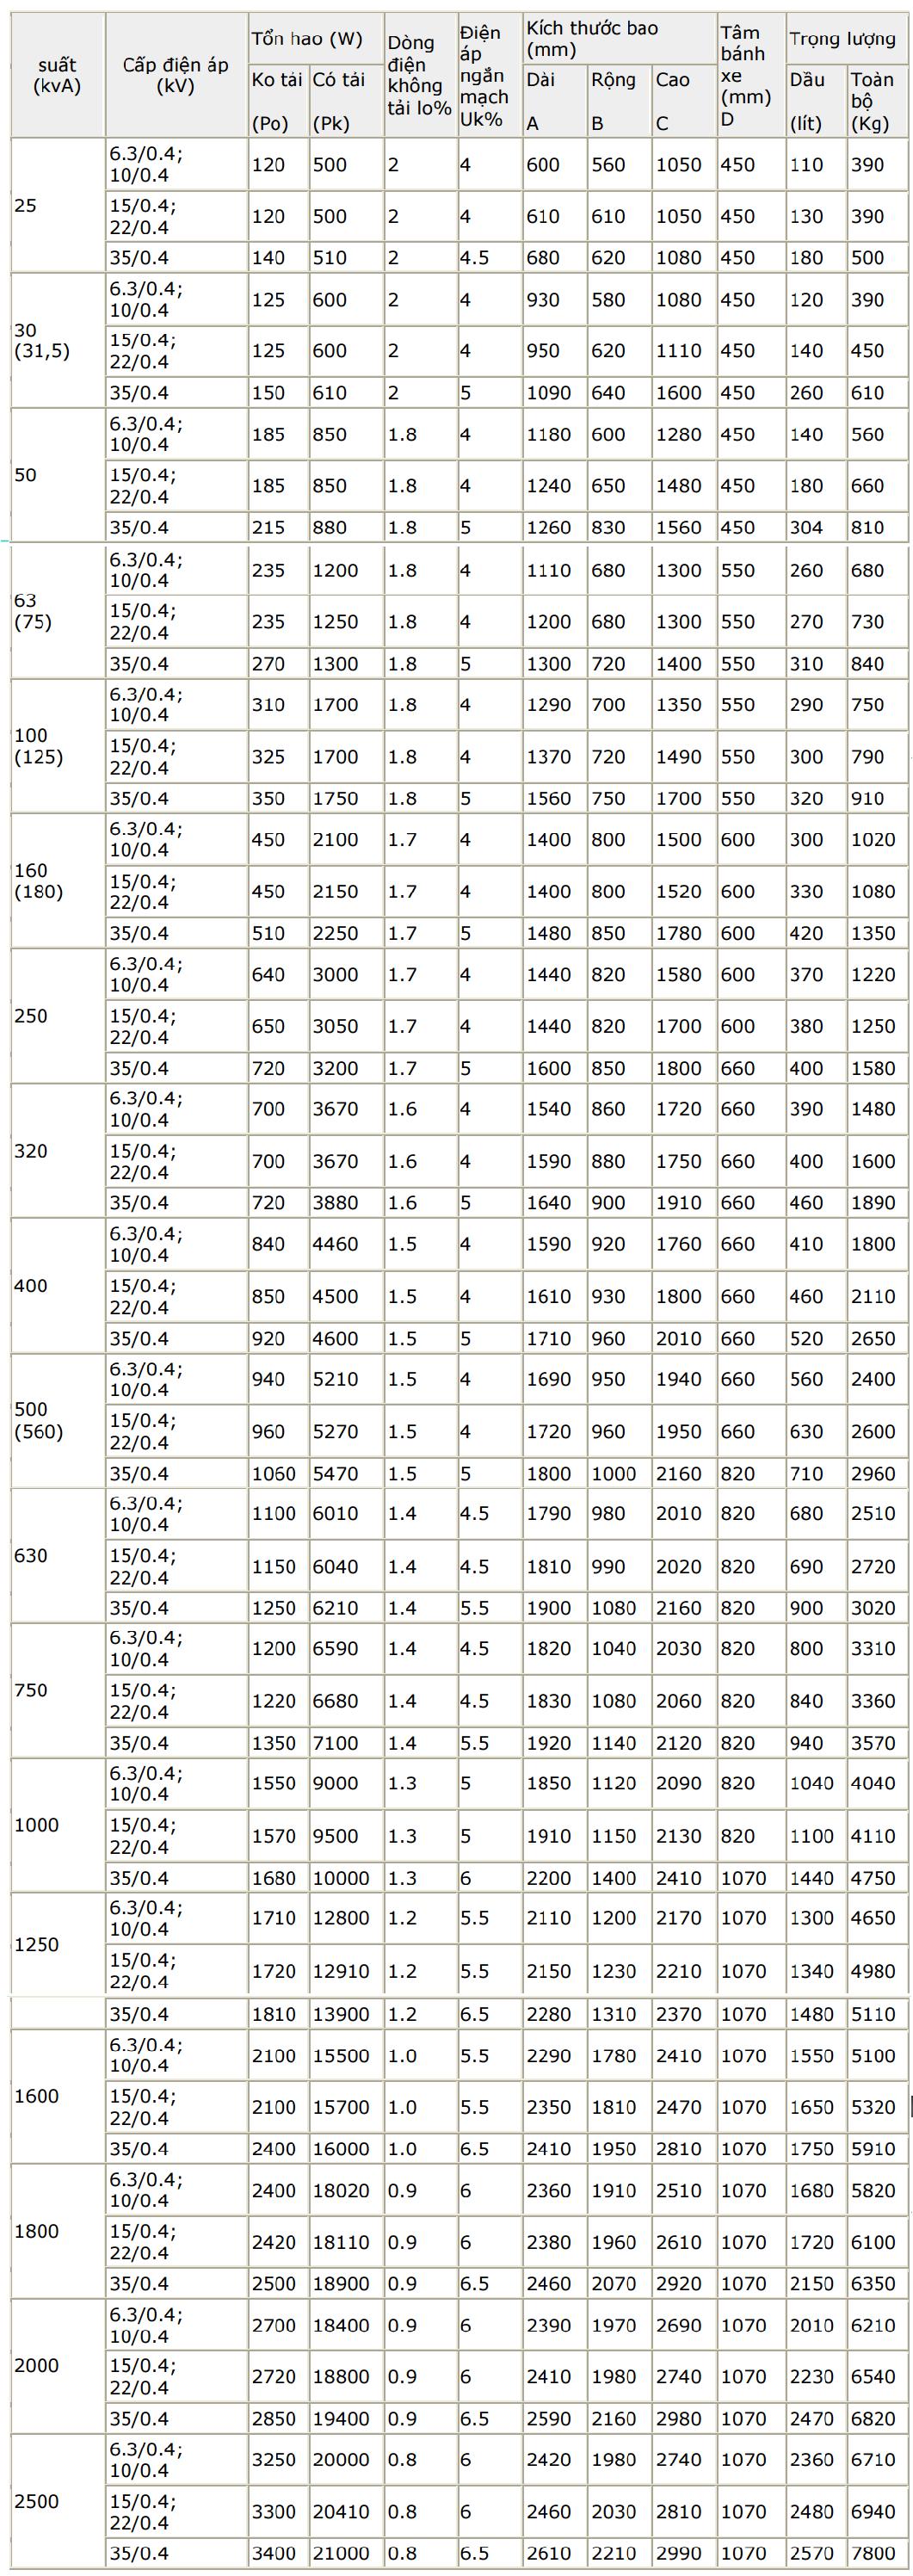 Thông số kỹ thuật của máy biến áp do Việt Nam sản xuất